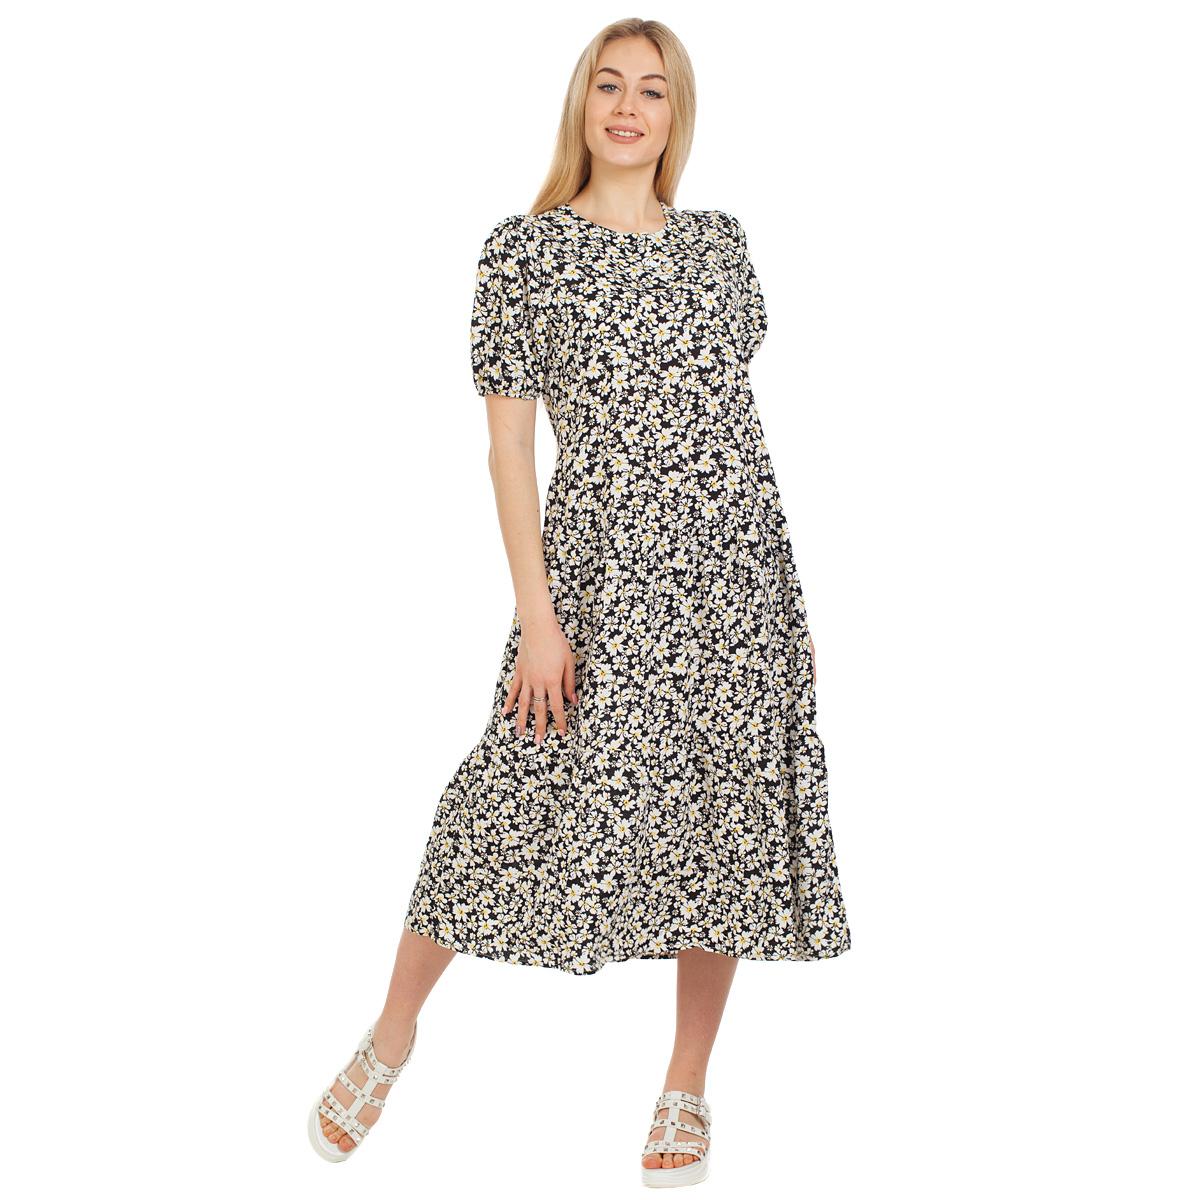 Платье Sevenext, JA13 платье oodji ultra цвет красный белый 14001071 13 46148 4512s размер xs 42 170